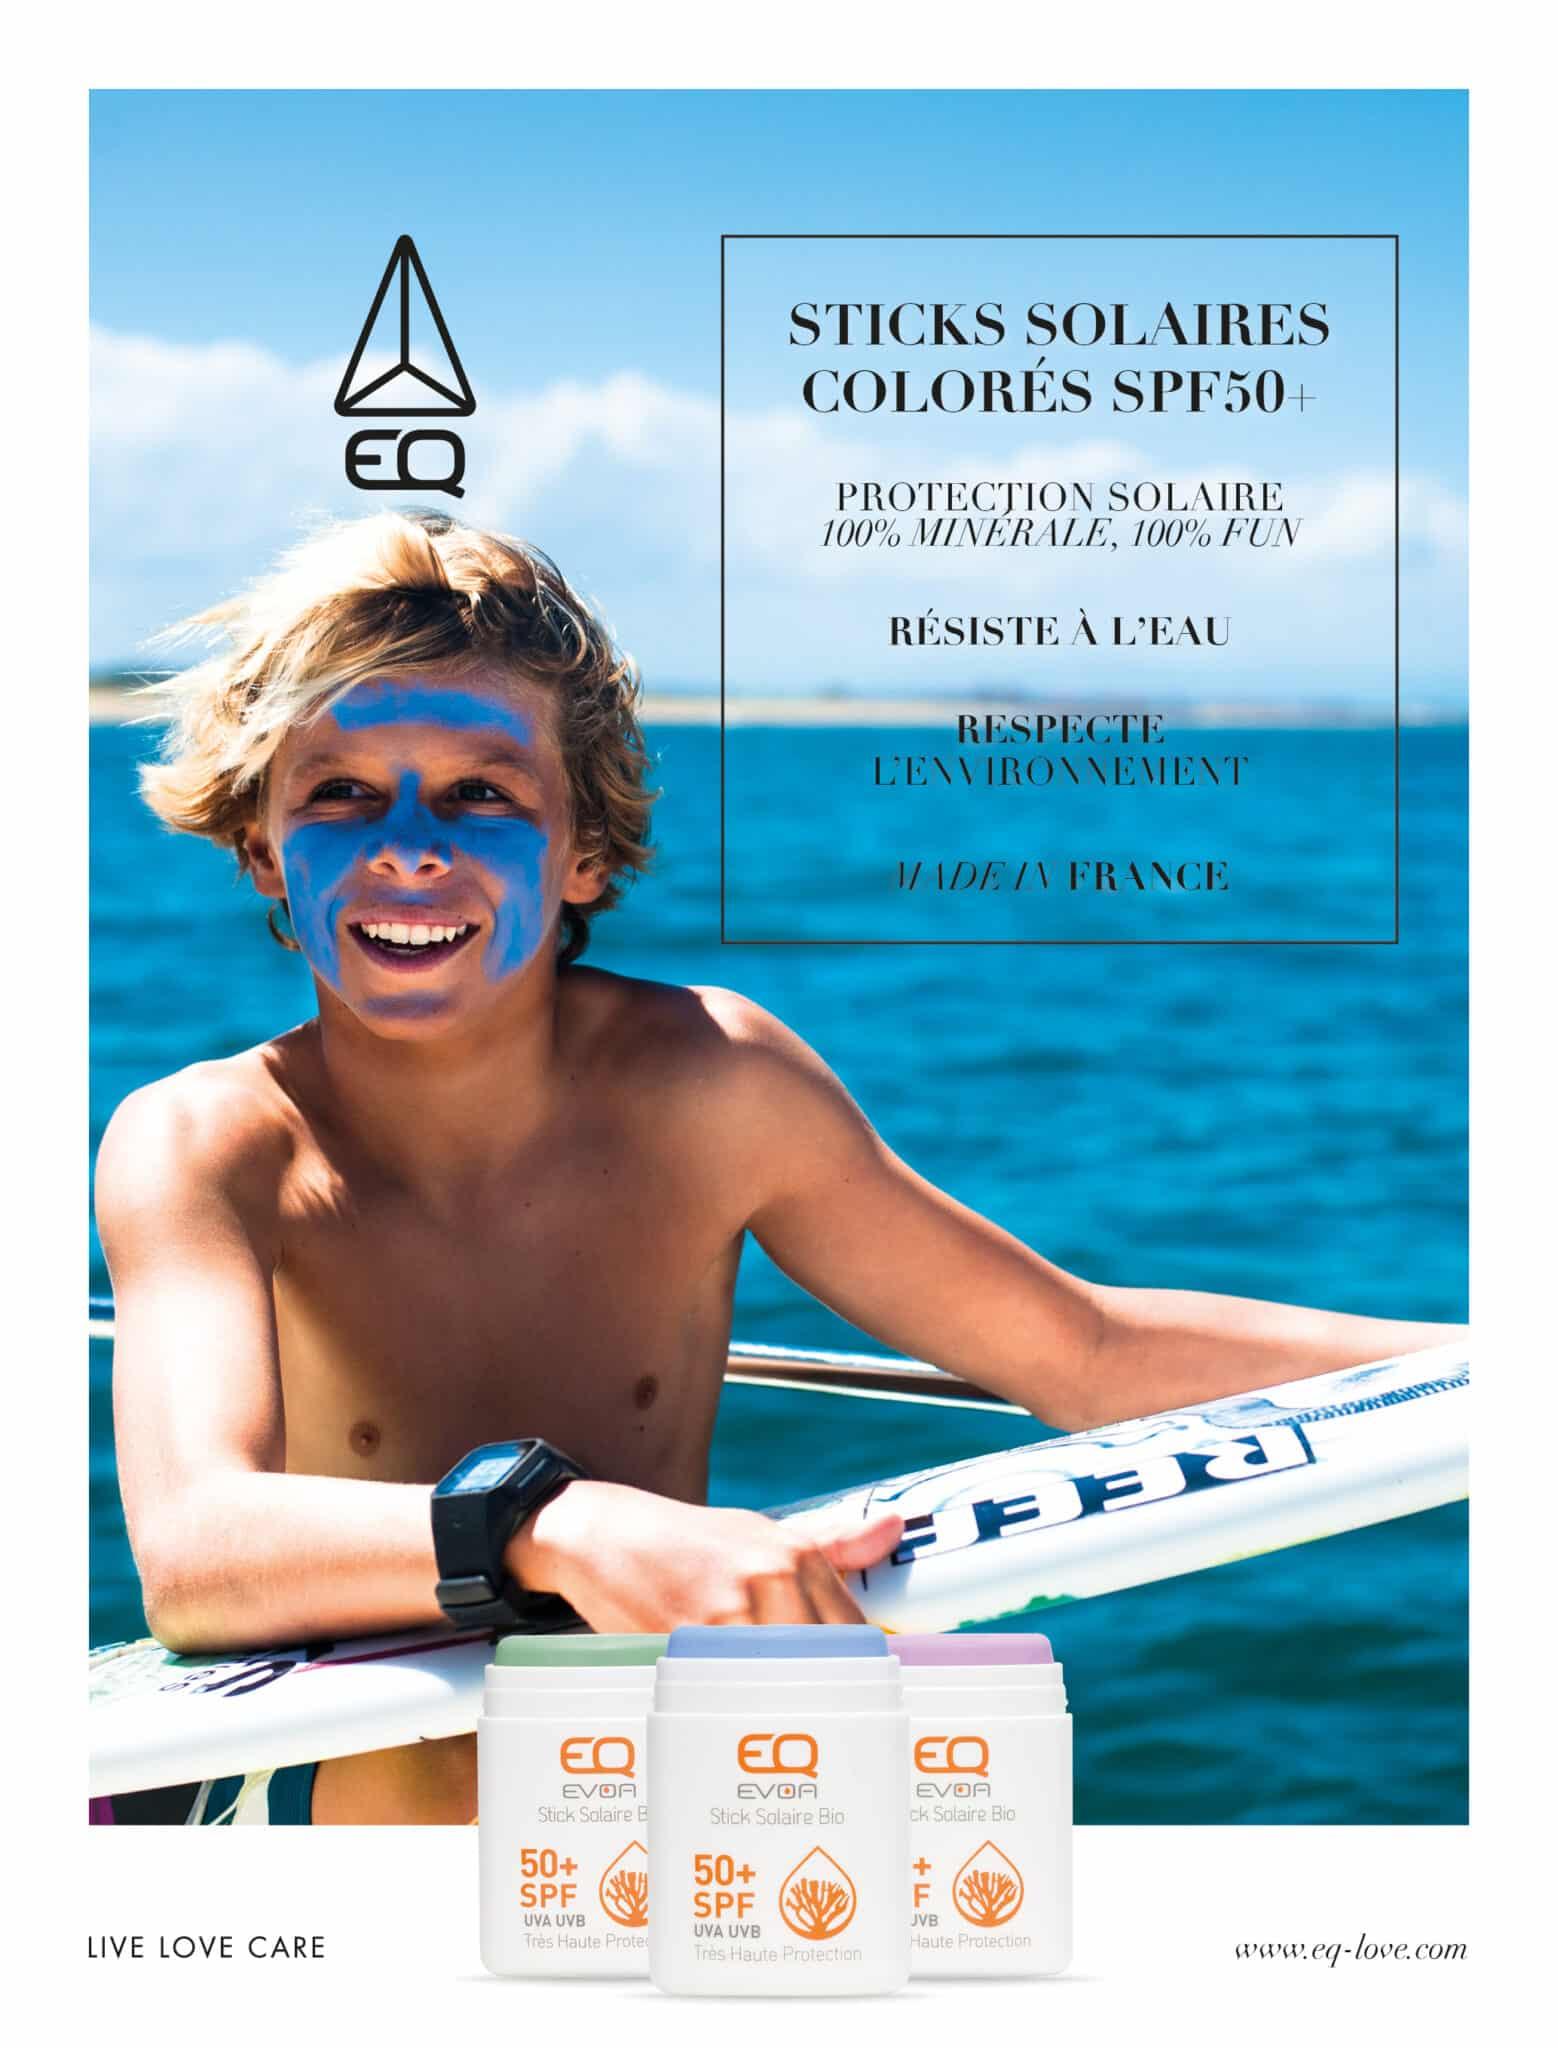 Page de publicité concernant les sticks colorés EQ.